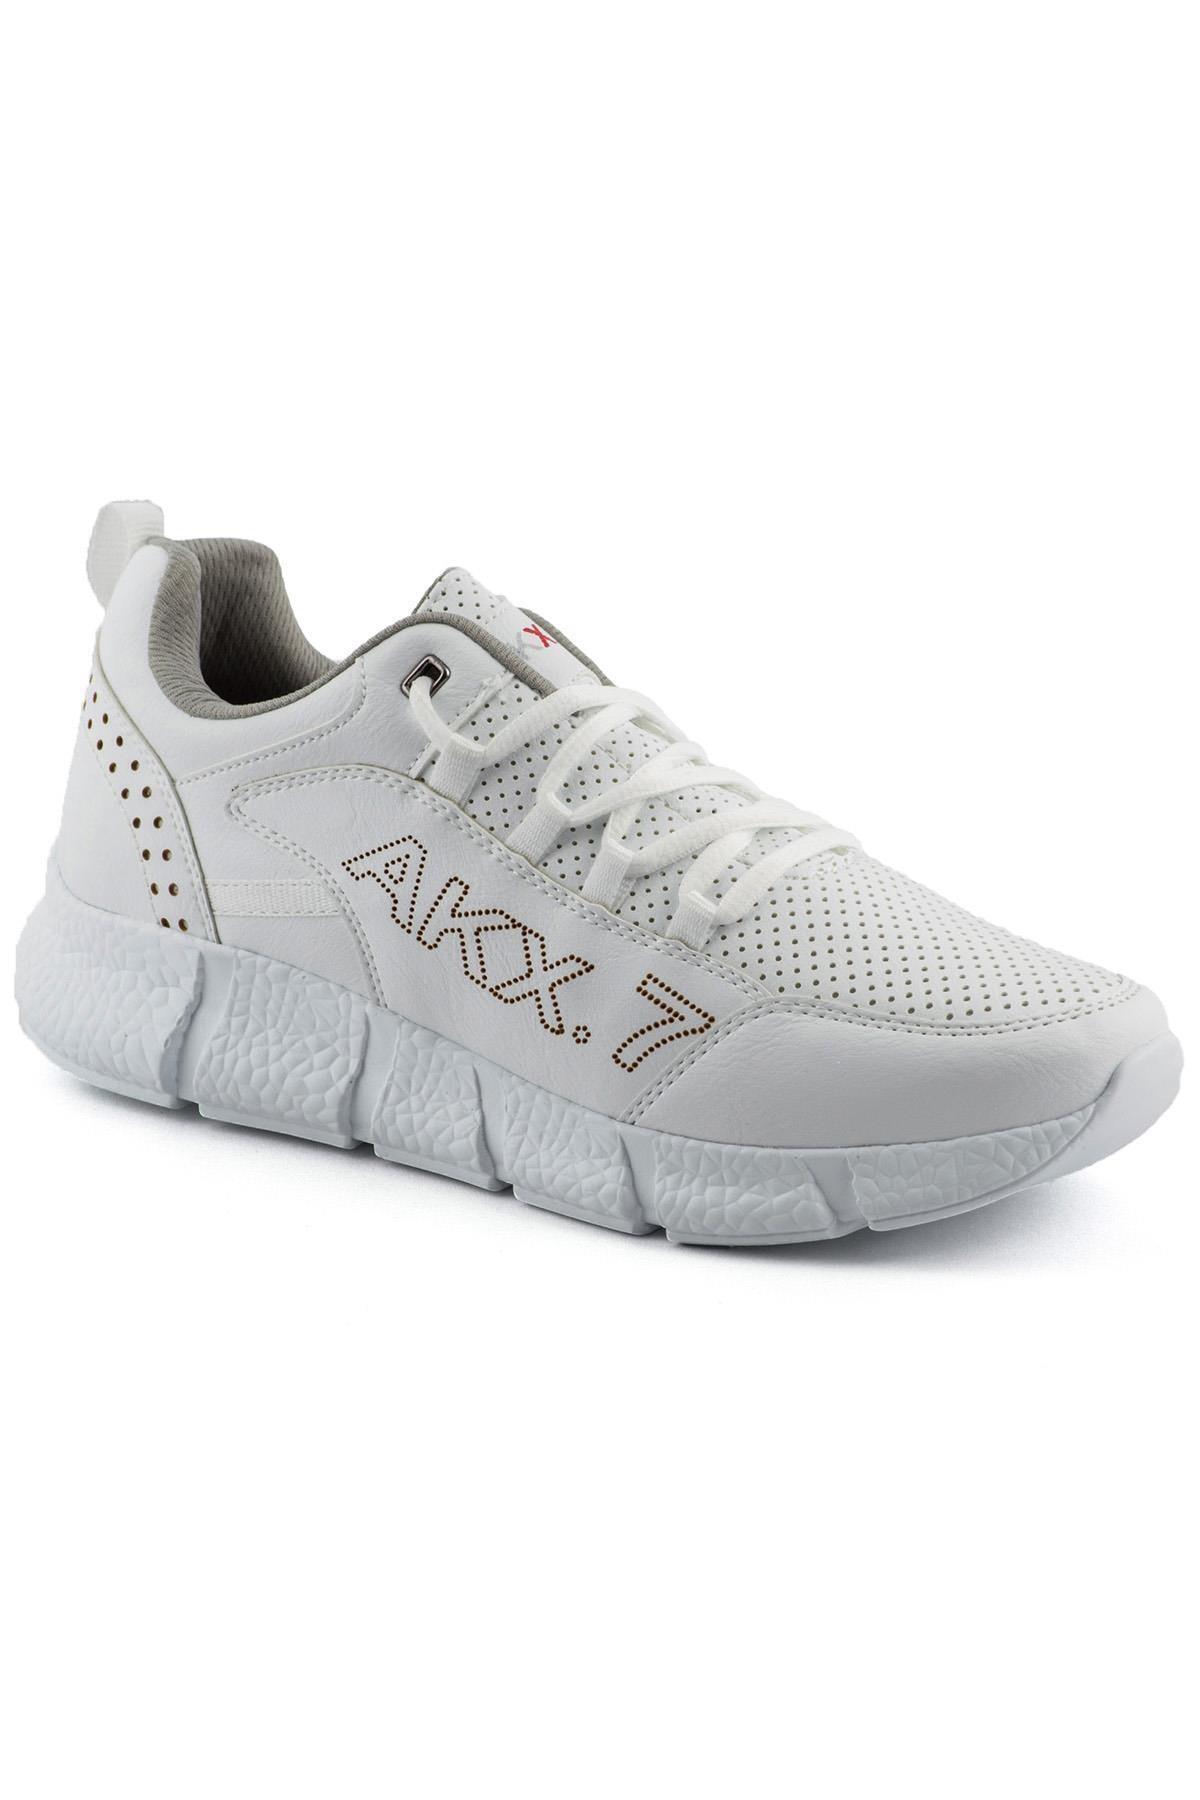 L.A Polo 021 Beyaz Beyaz Erkek Spor Ayakkabı 1